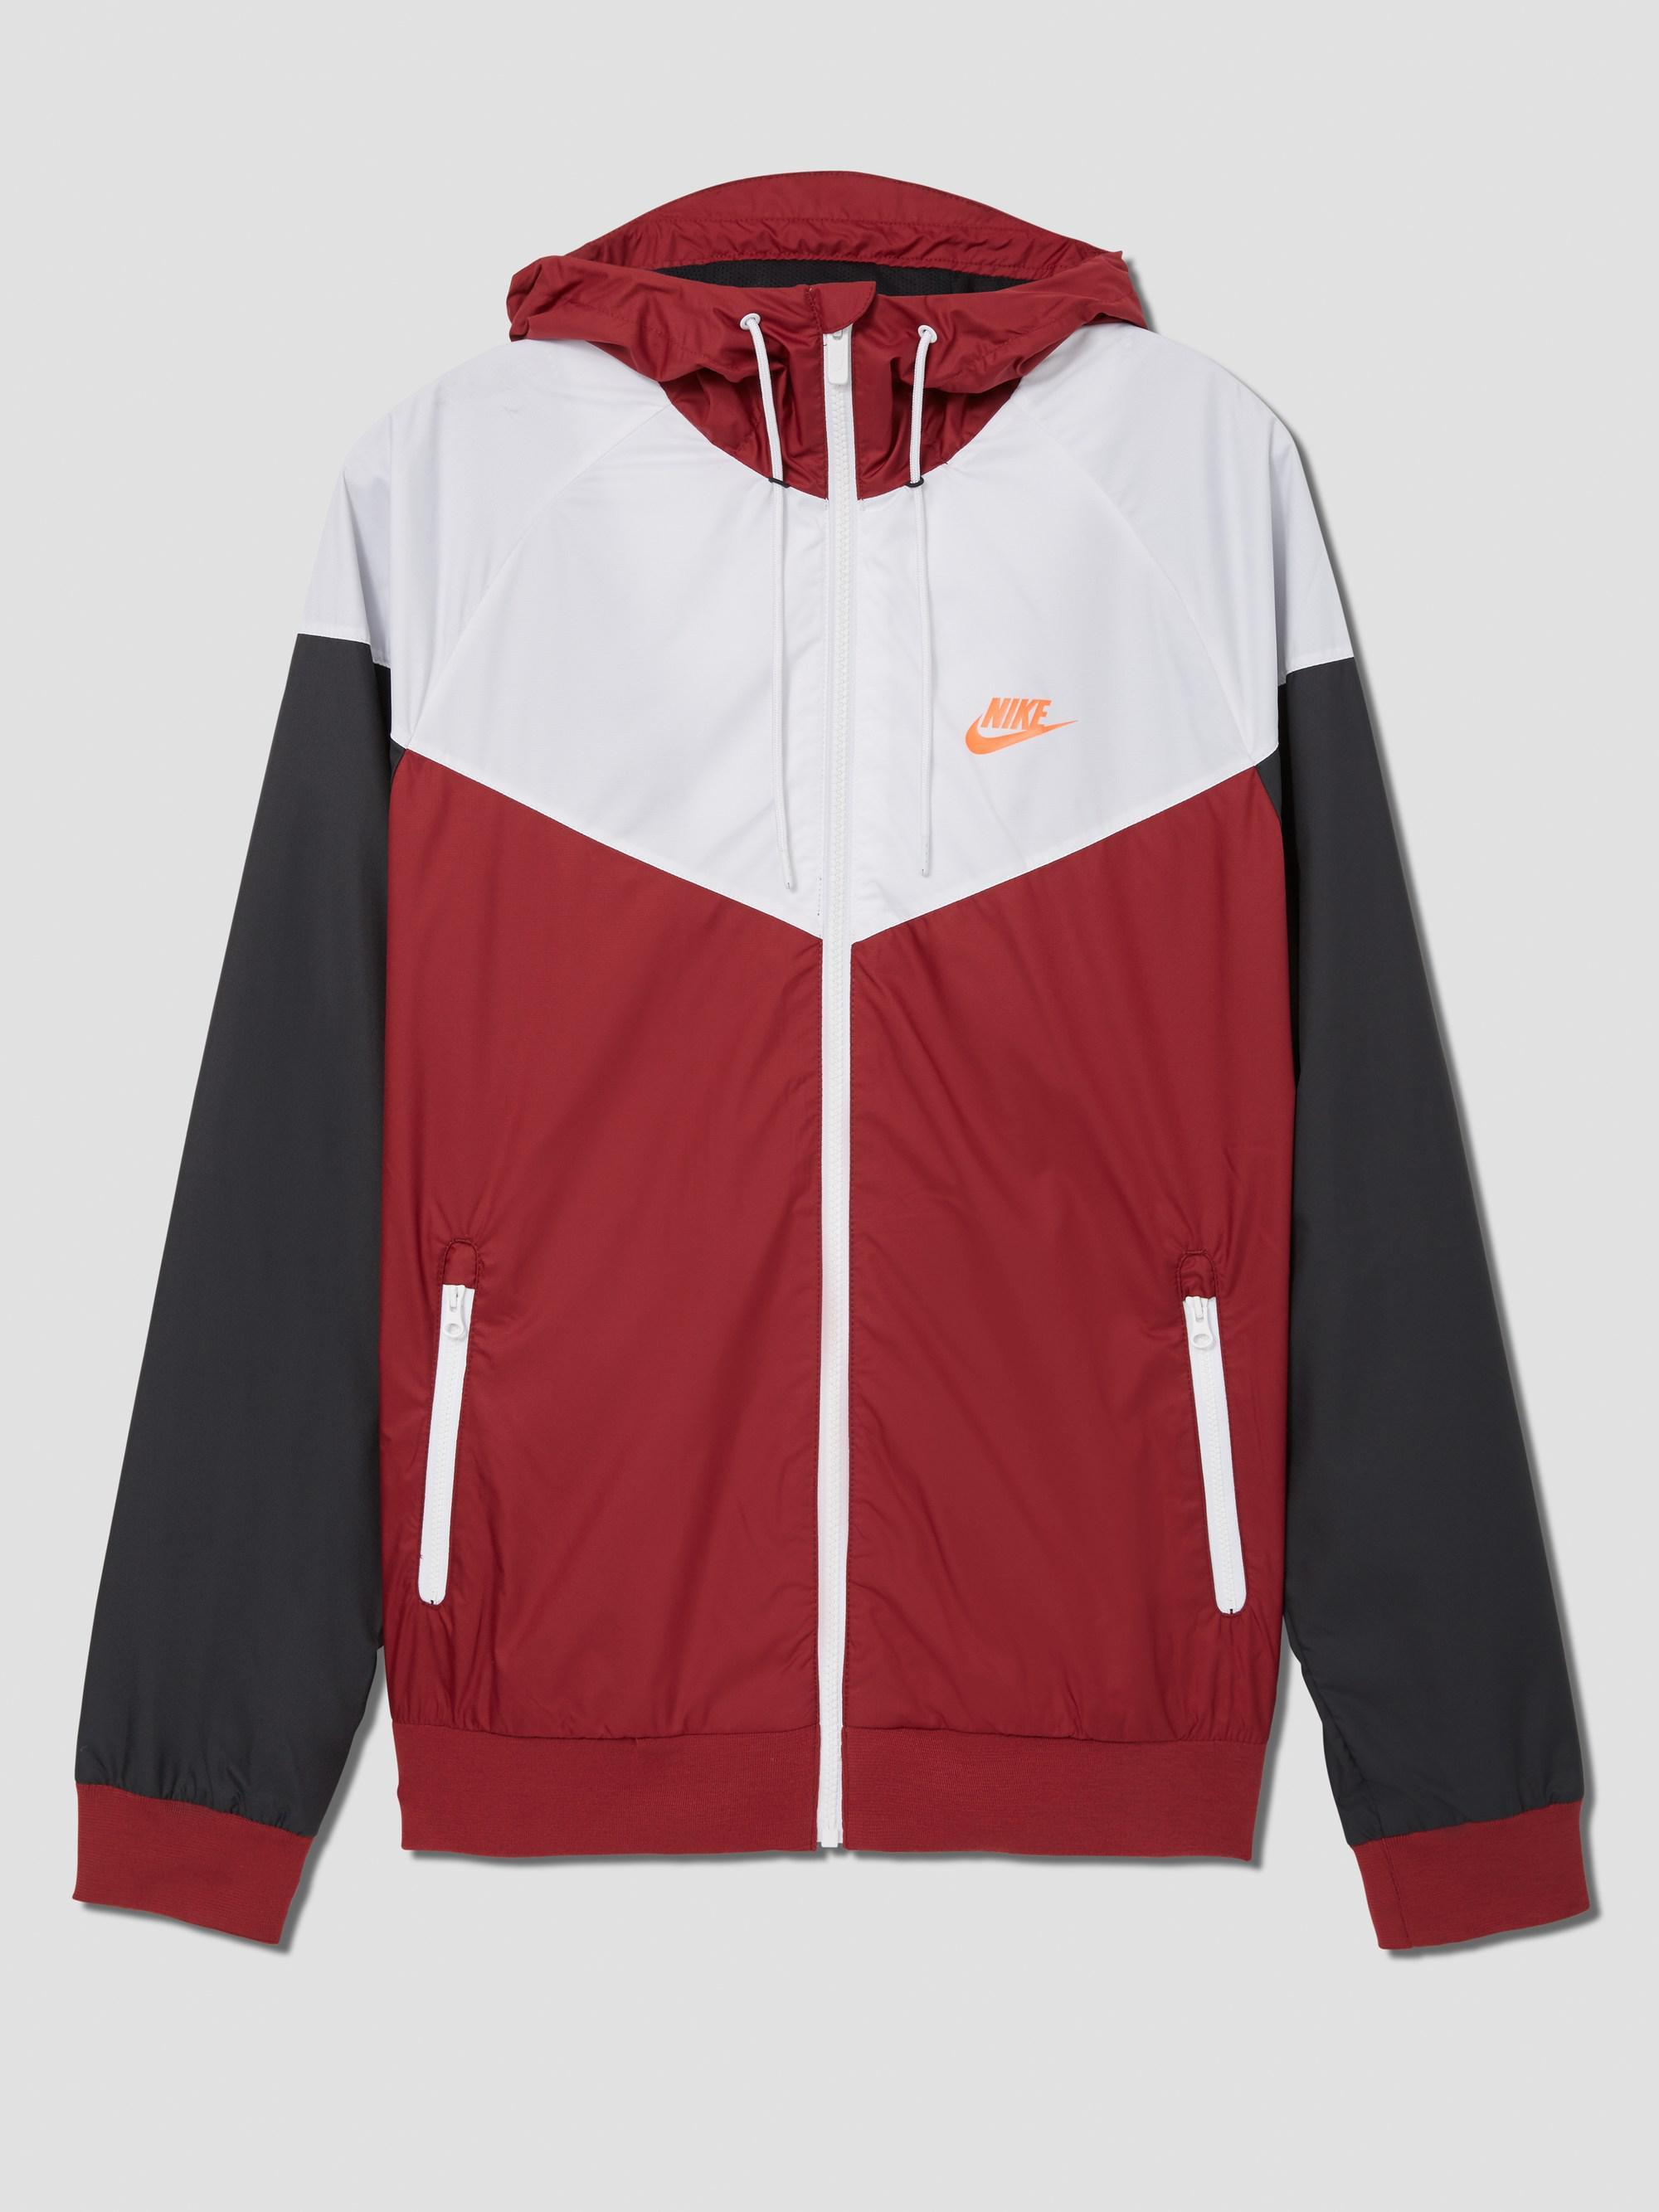 3be3961204 Lyst Frank And Oak Nike Sportswear Windrunner Jacket In Red In